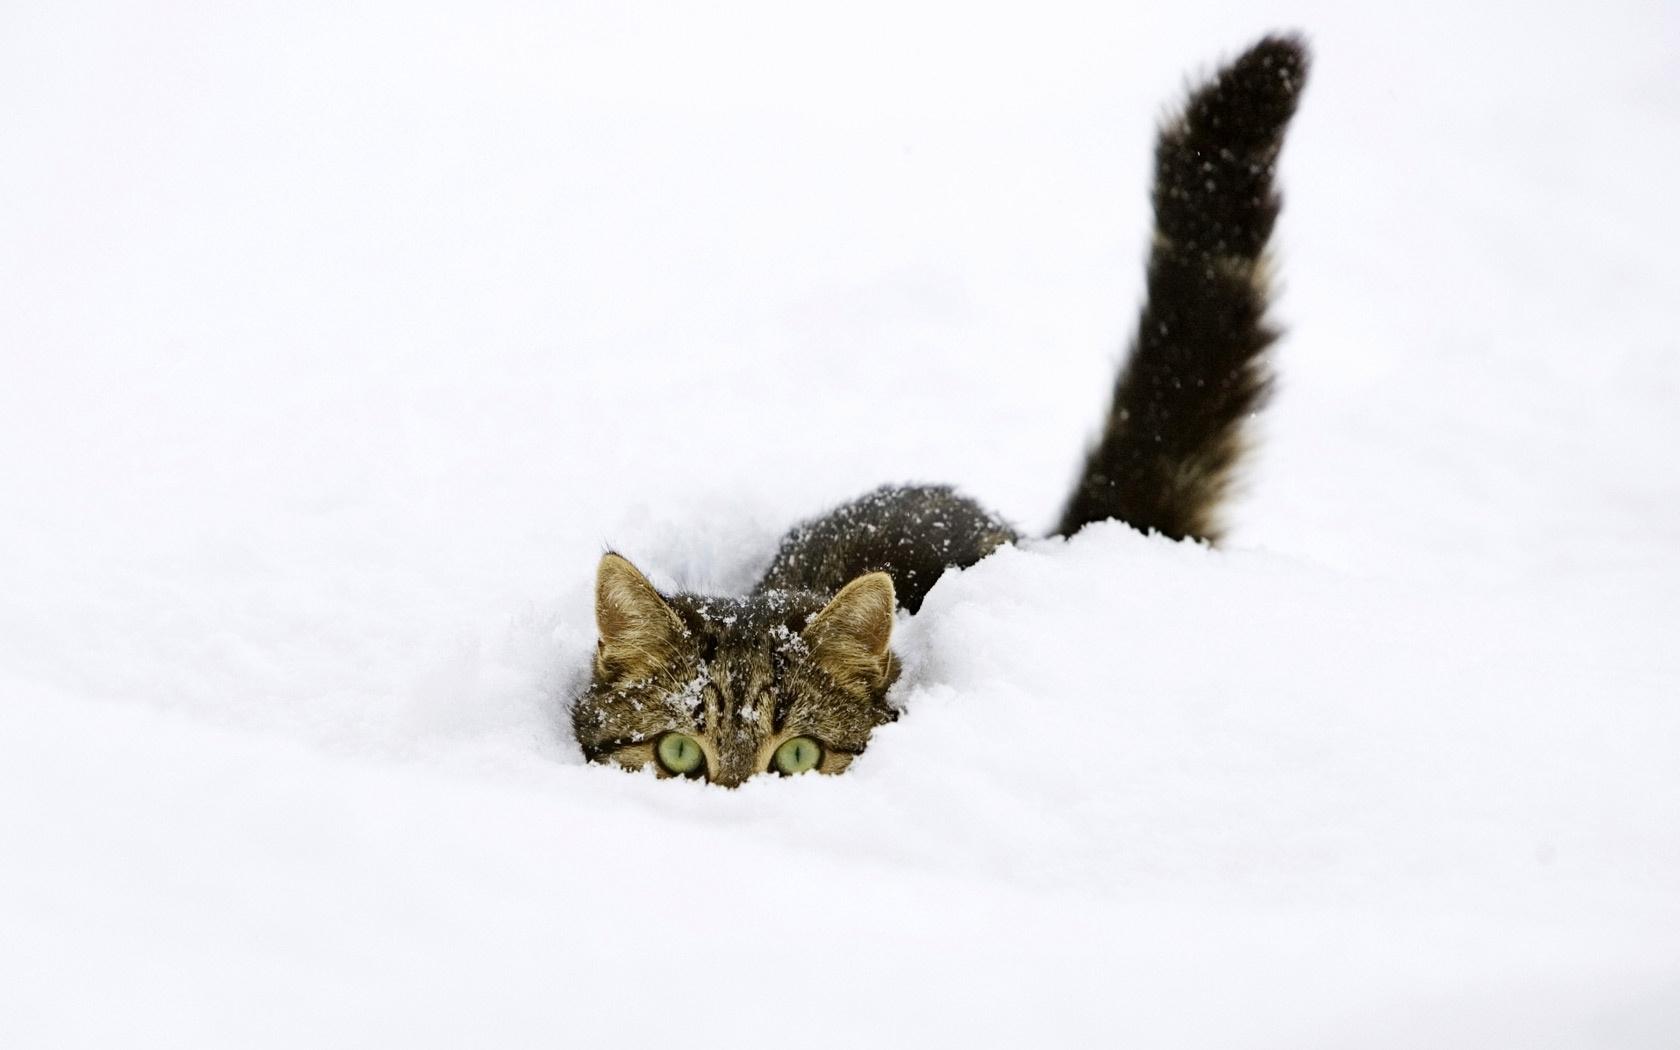 43642 скачать Белые обои на телефон бесплатно, Животные, Зима, Кошки (Коты, Котики), Снег Белые картинки и заставки на мобильный